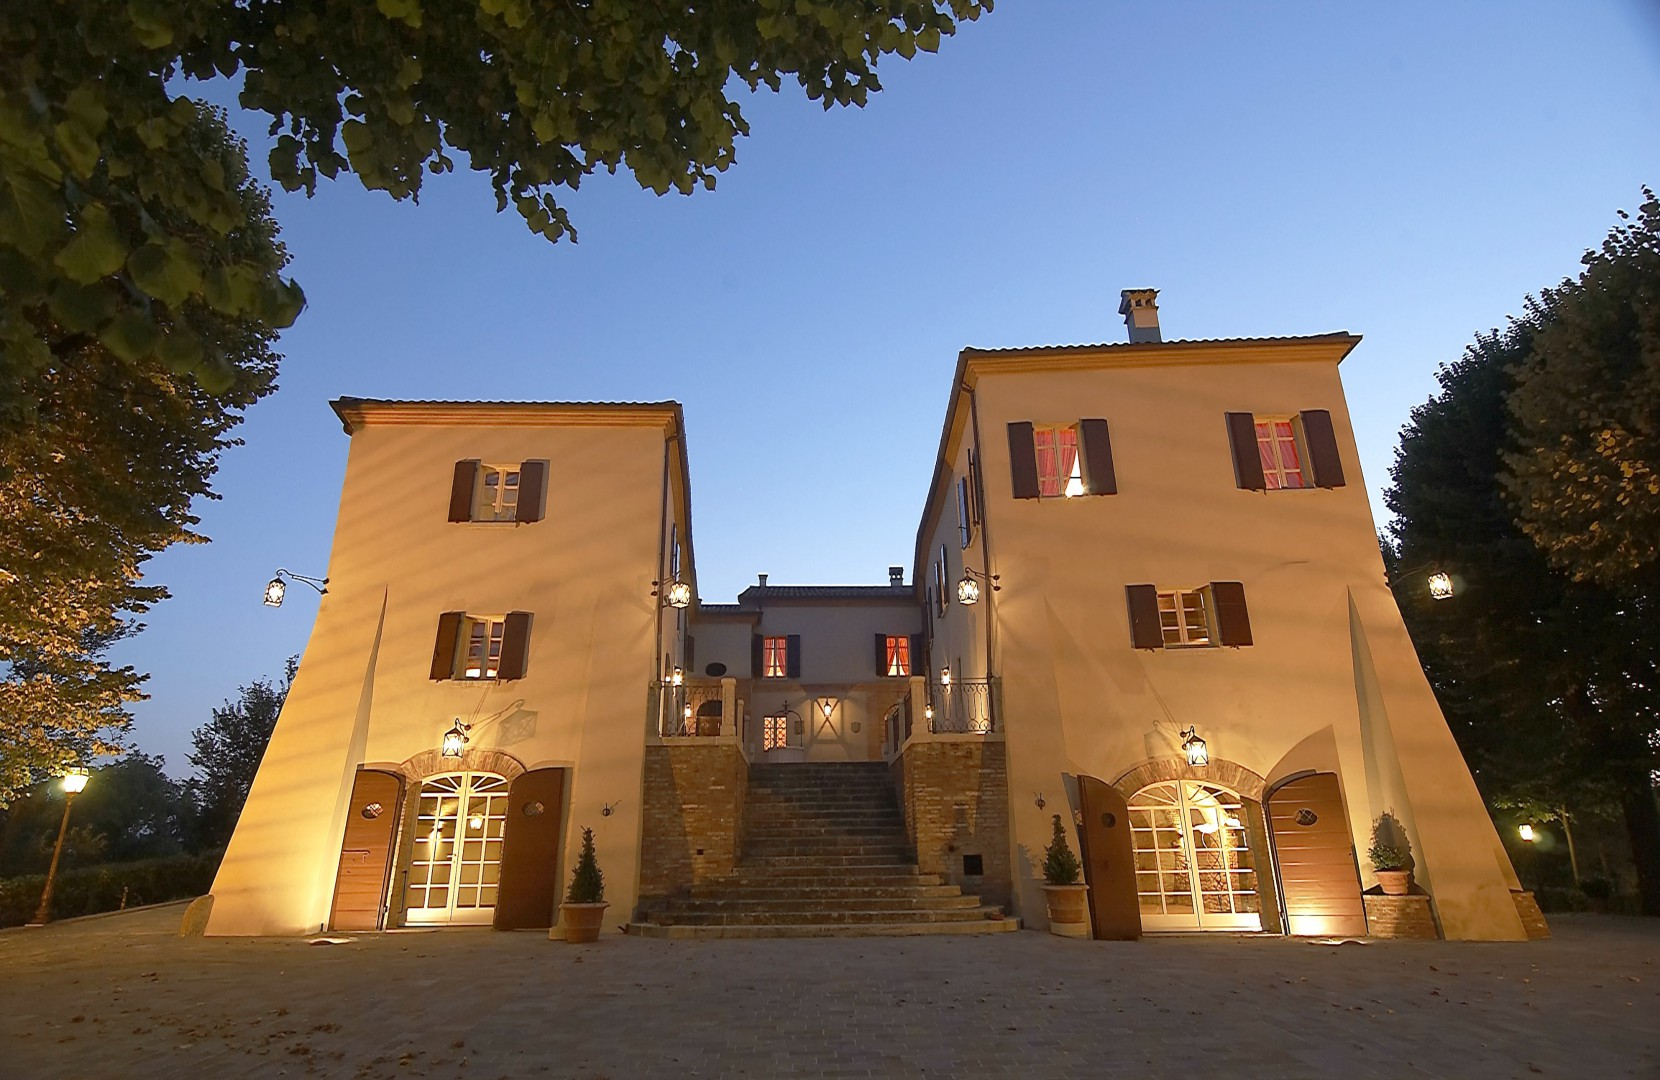 Scopri la storia e visita il suggestivo Palazzo del Poggiano